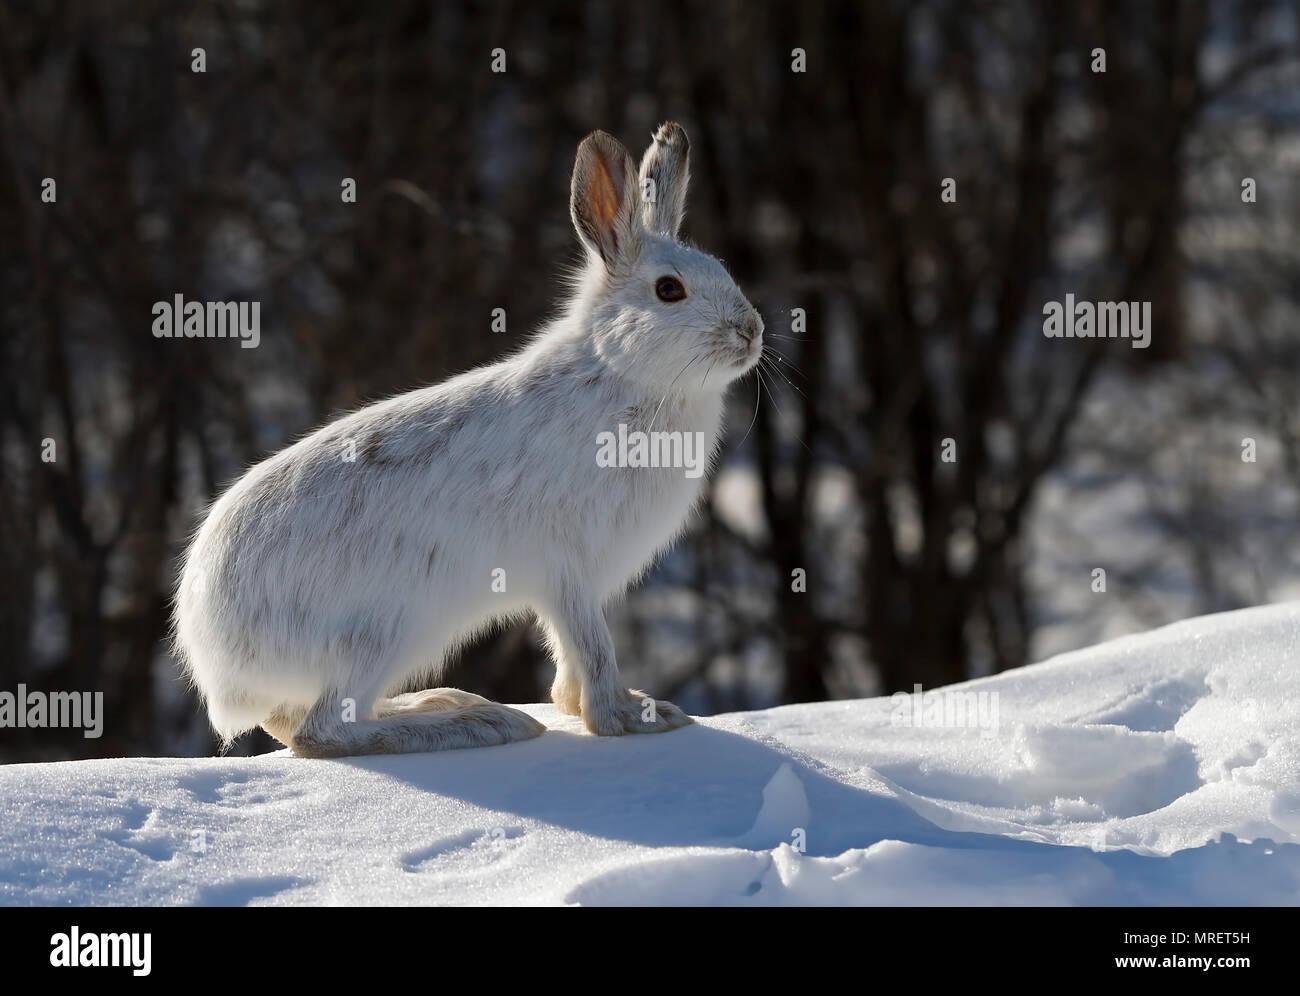 Le lièvre ou diverses espèces de lièvre (Lepus americanus) debout dans la neige avec un manteau blanc en hiver au Canada Photo Stock